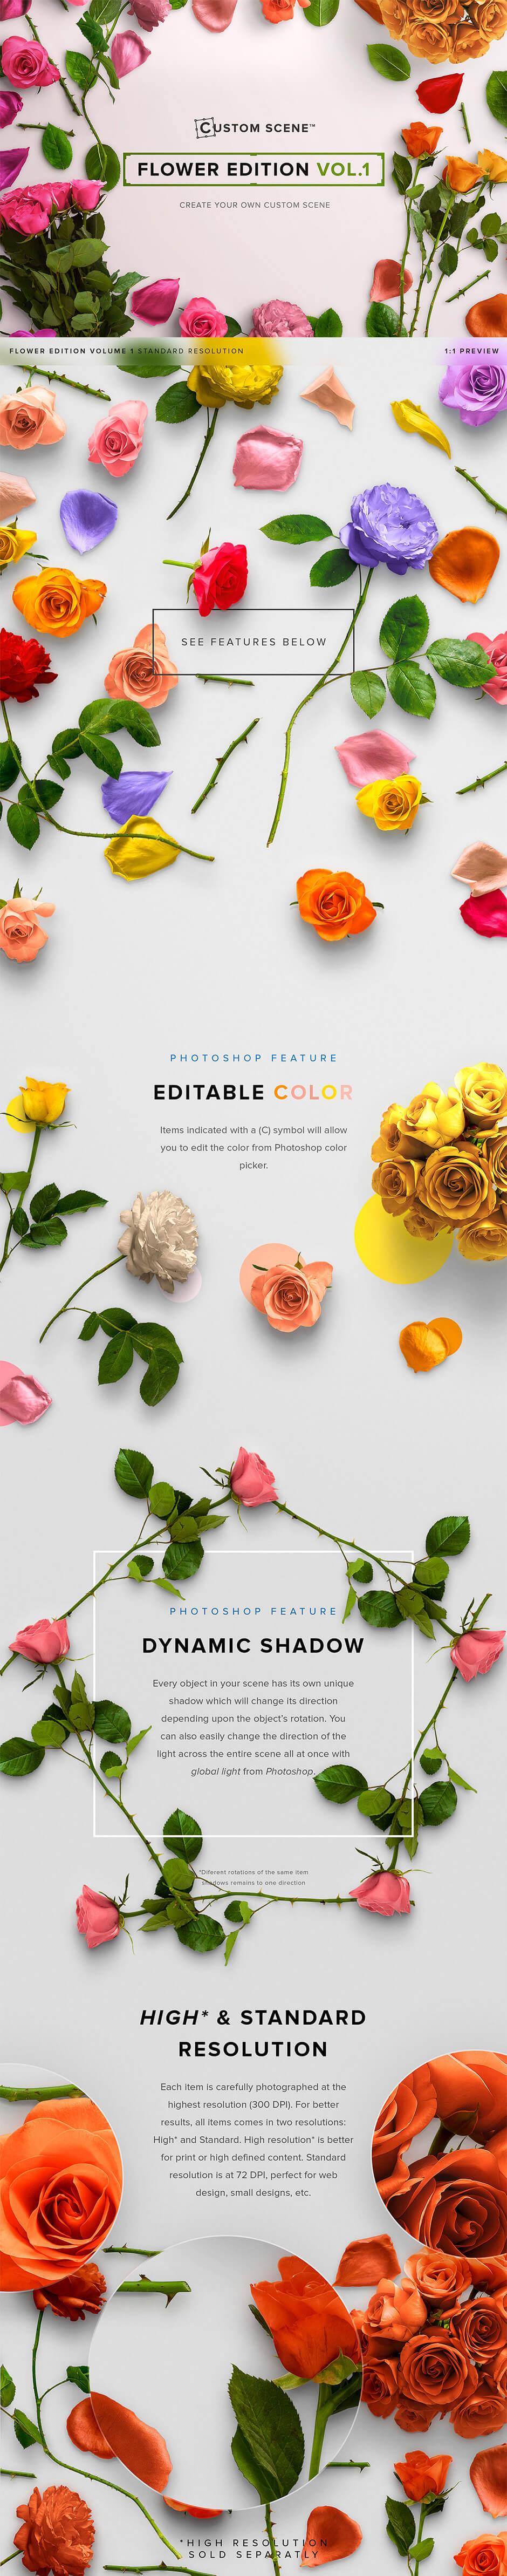 artistic-bundle-July-2016-c1